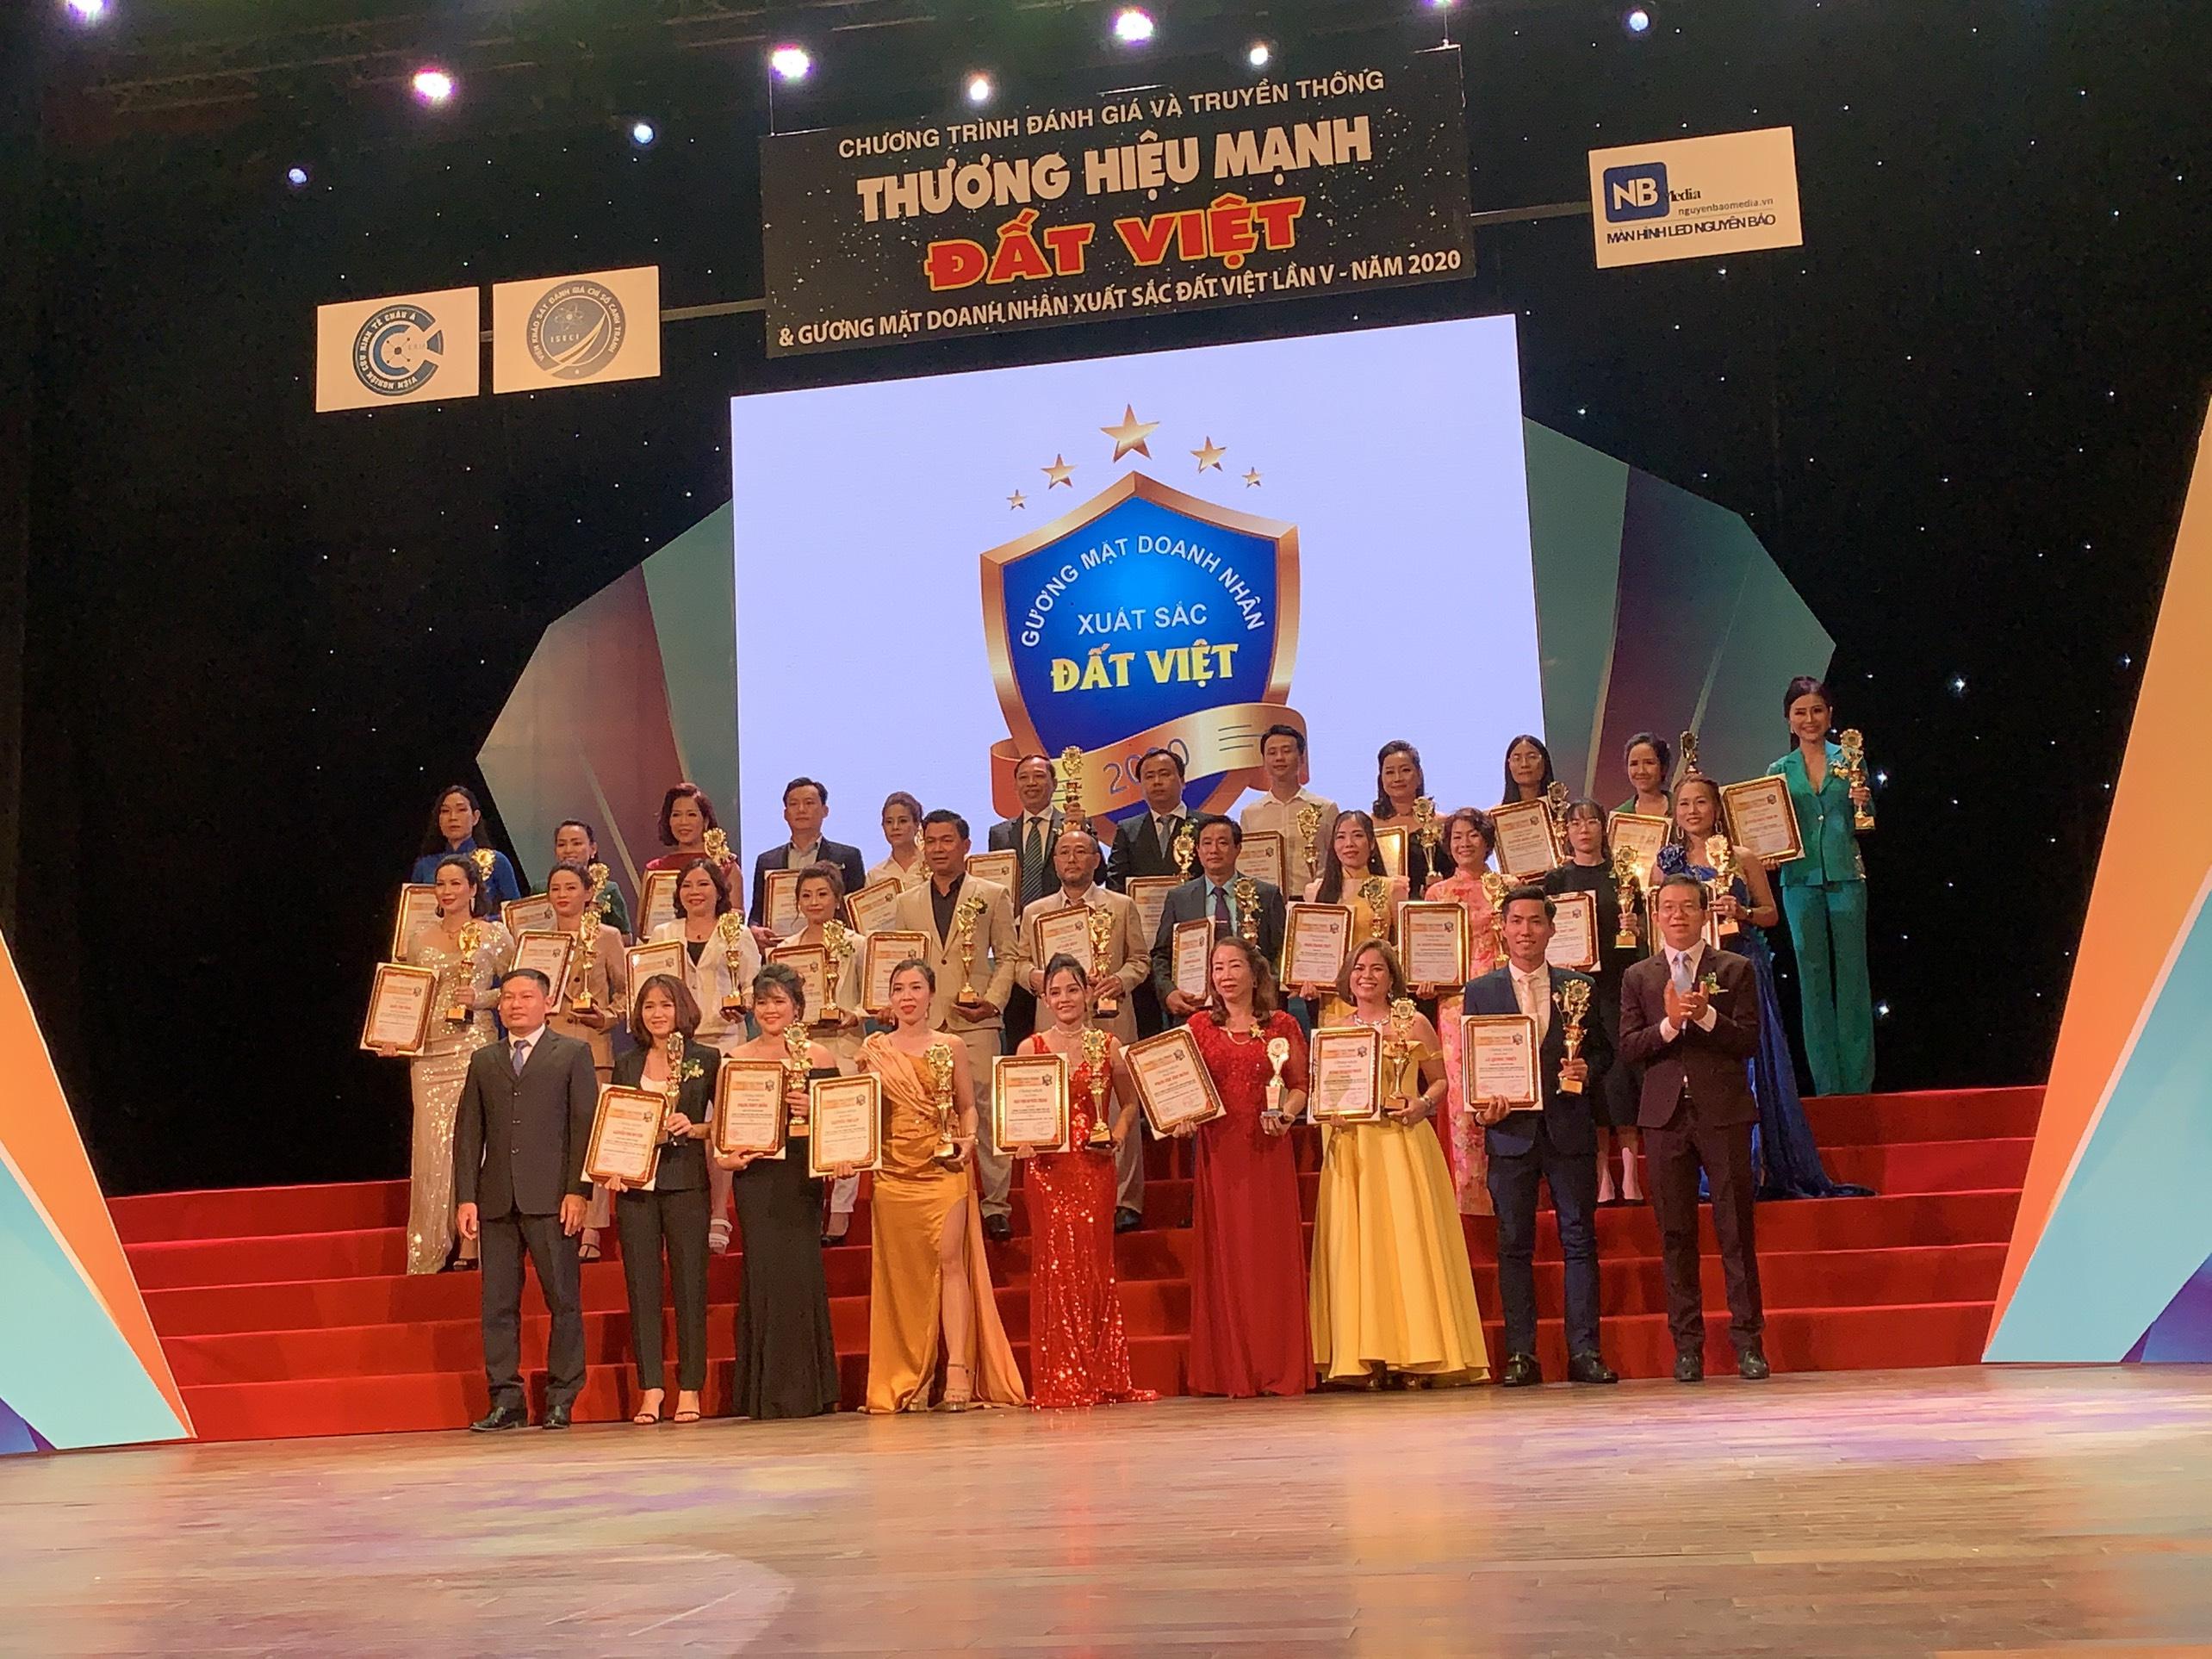 Tôn vinh Thương hiệu mạnh đất Việt lần thứ 5 năm 2020